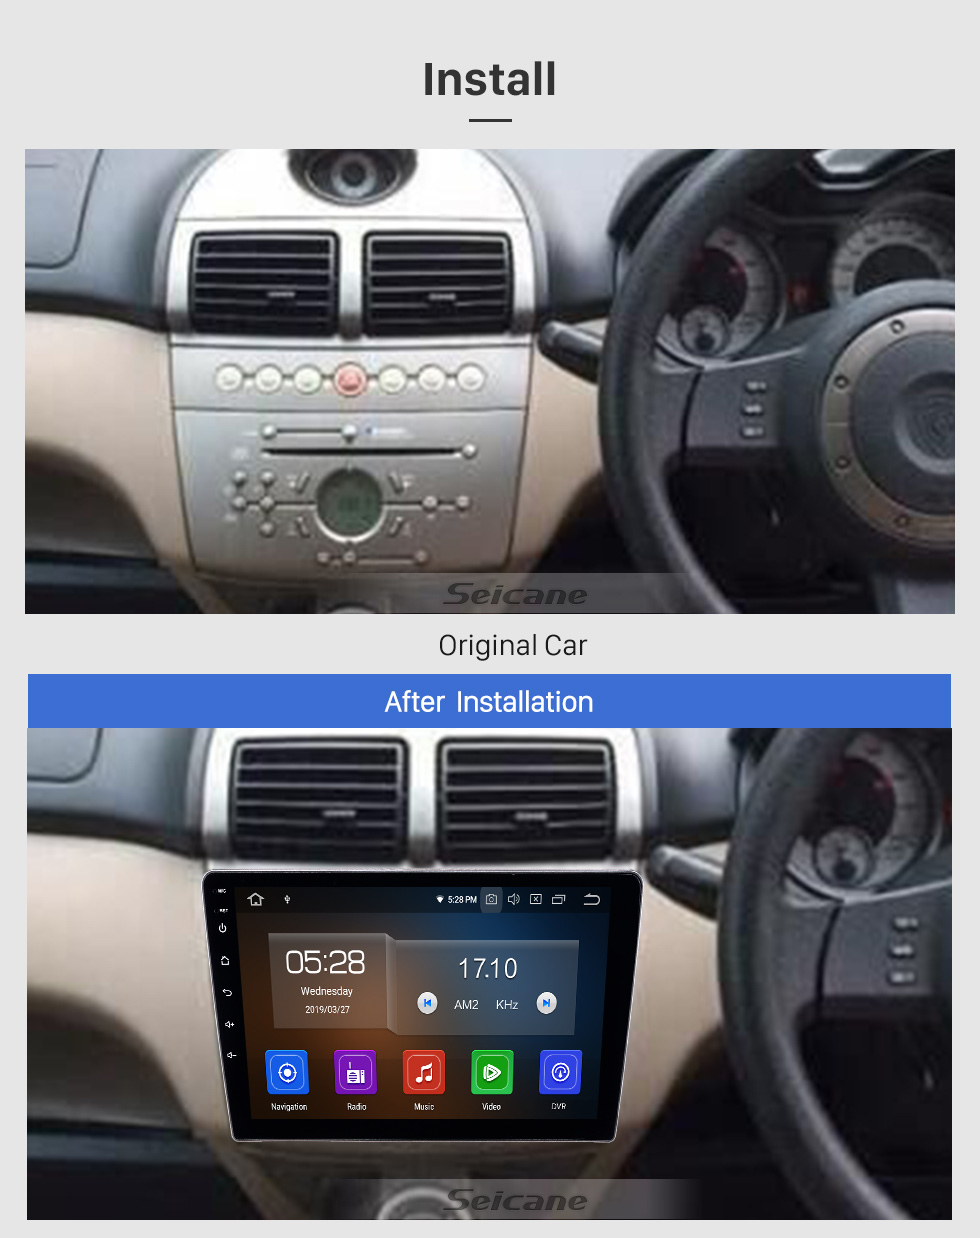 Seicane Android 9.0 Radio de navegación GPS de 9 pulgadas para 2006-2010 Proton GenⅡ con pantalla táctil HD Carplay Bluetooth WIFI USB AUX compatible con Mirror Link OBD2 SWC